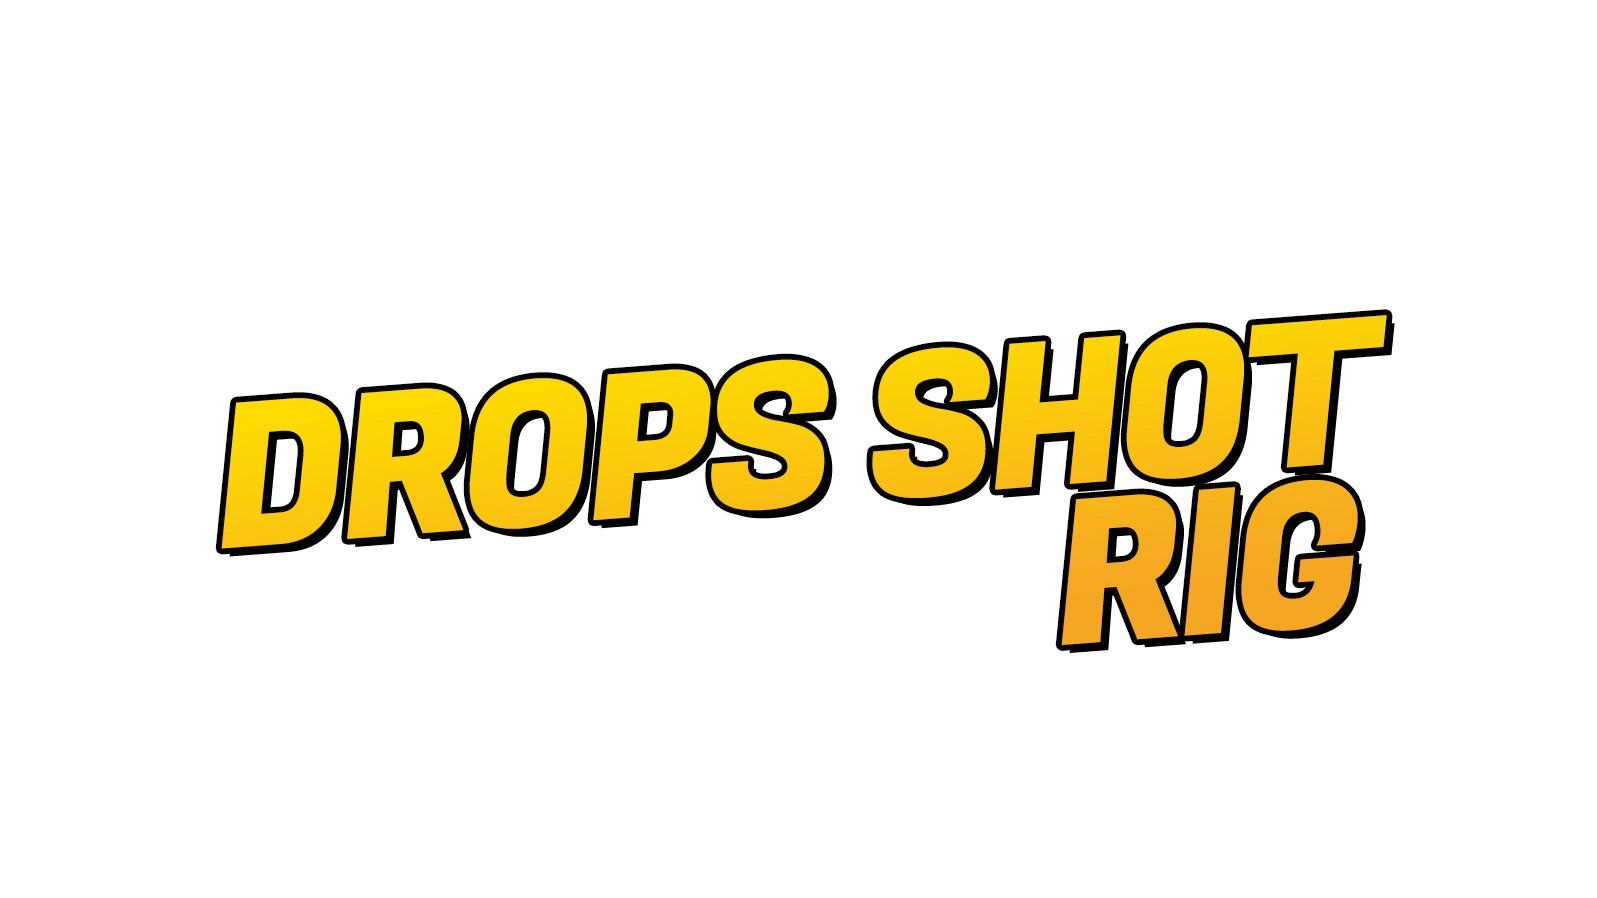 Drops Shot Rig